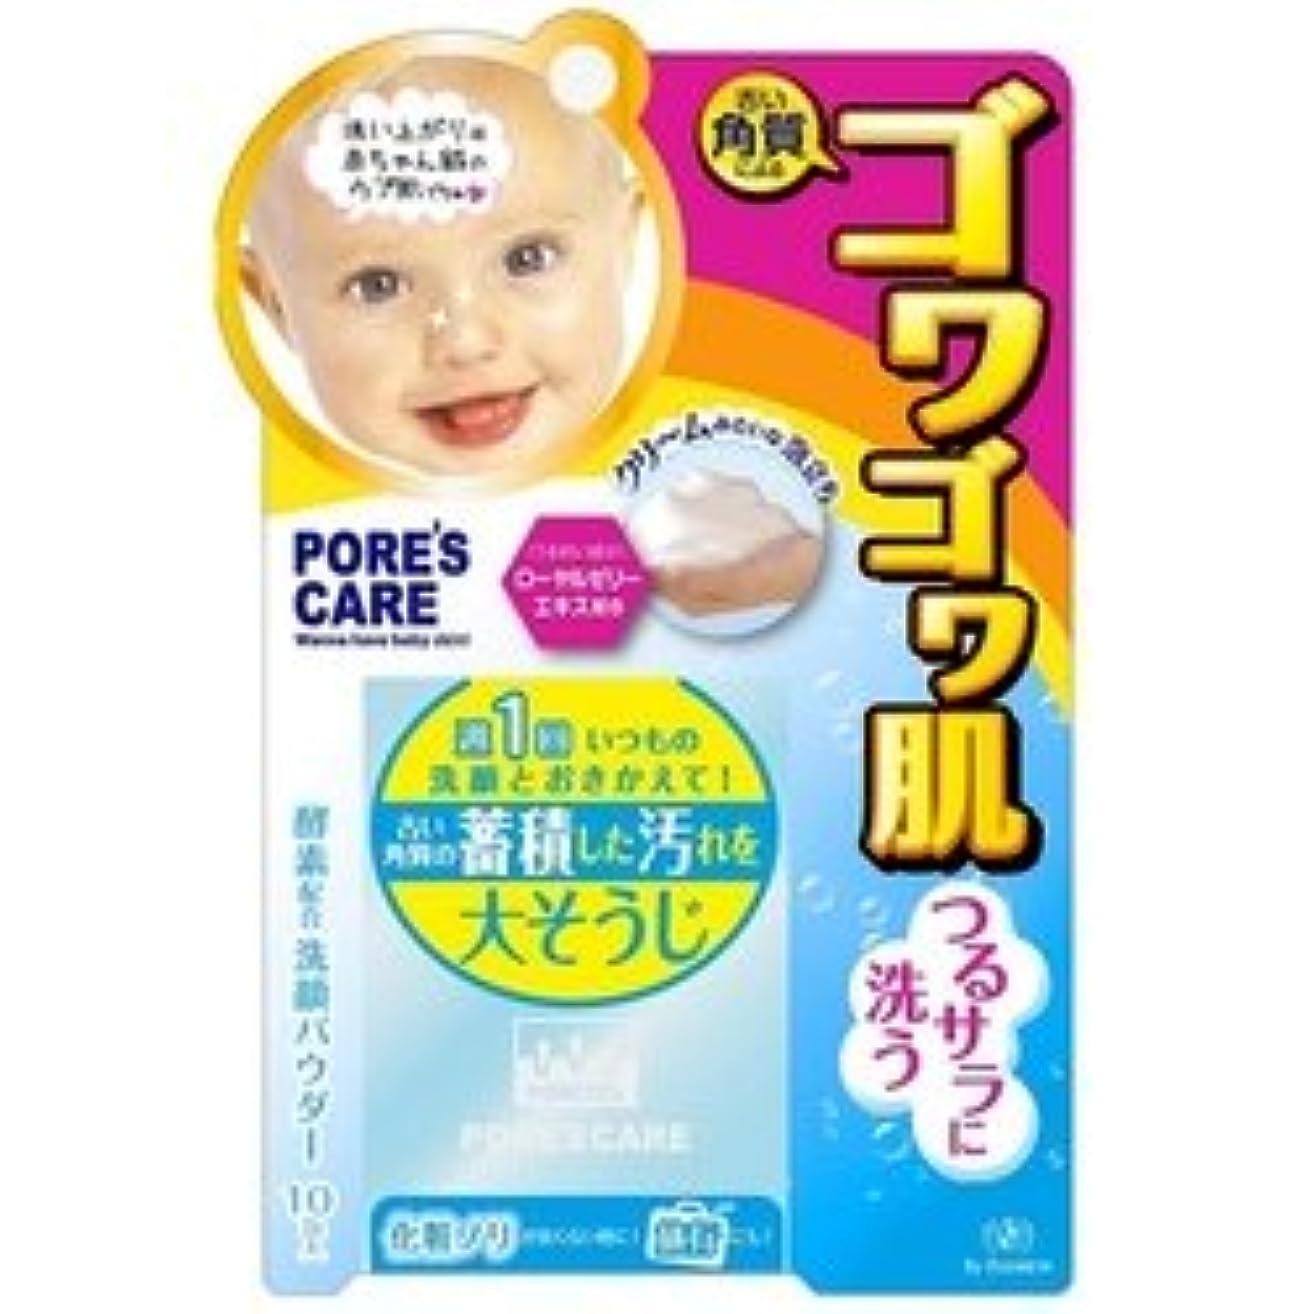 減少ヒールダンプ【エリザベス】ポアトル角質クリアパウダー洗顔料 10包 ×20個セット